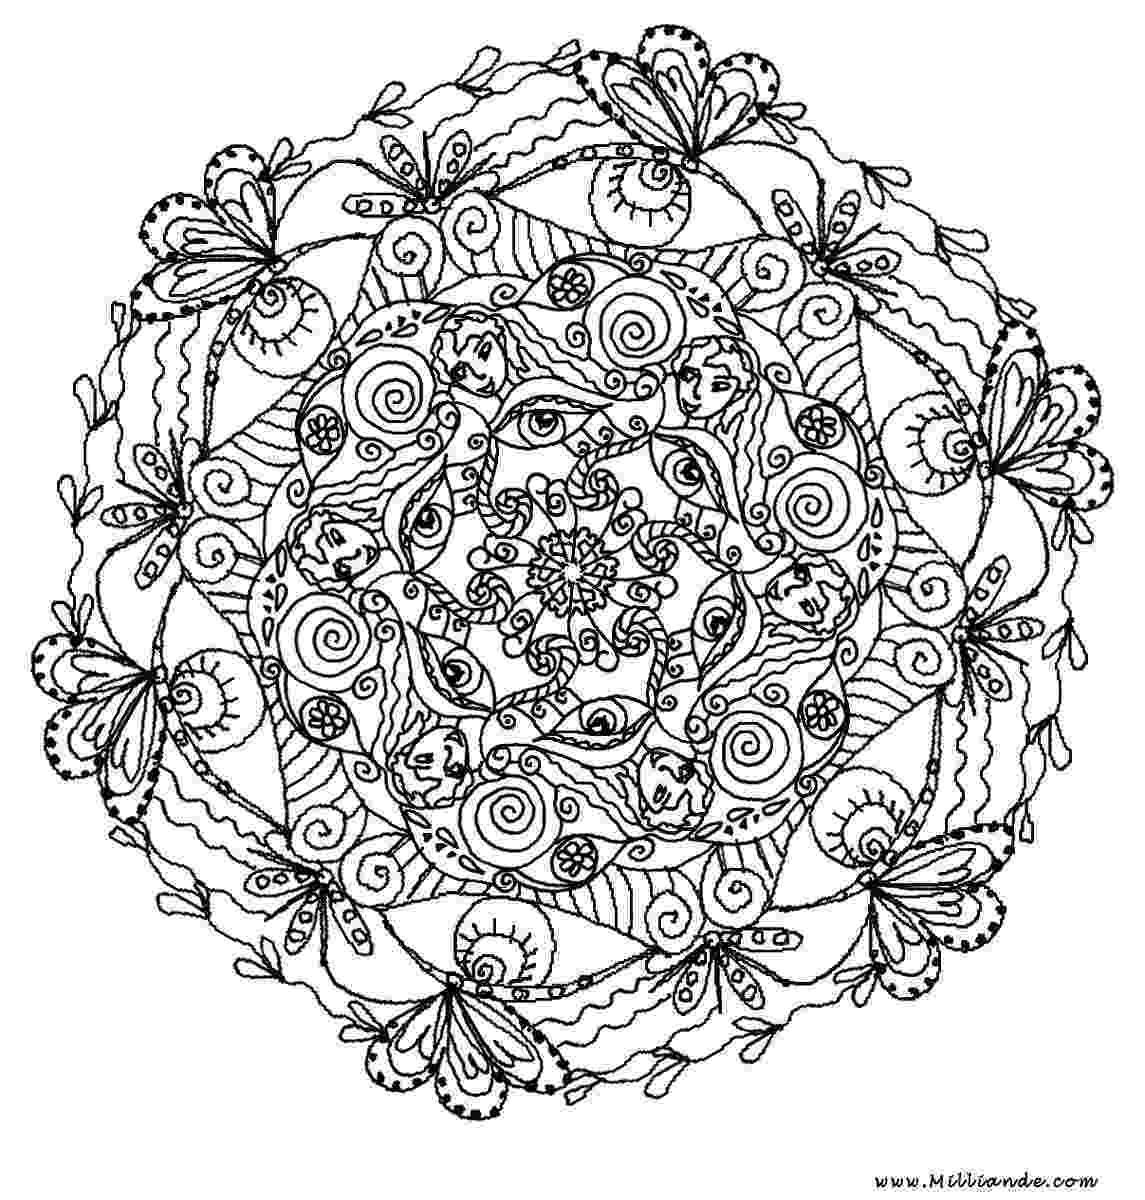 mandalas mandala to download in pdf 6 mandalas adult coloring pages mandalas